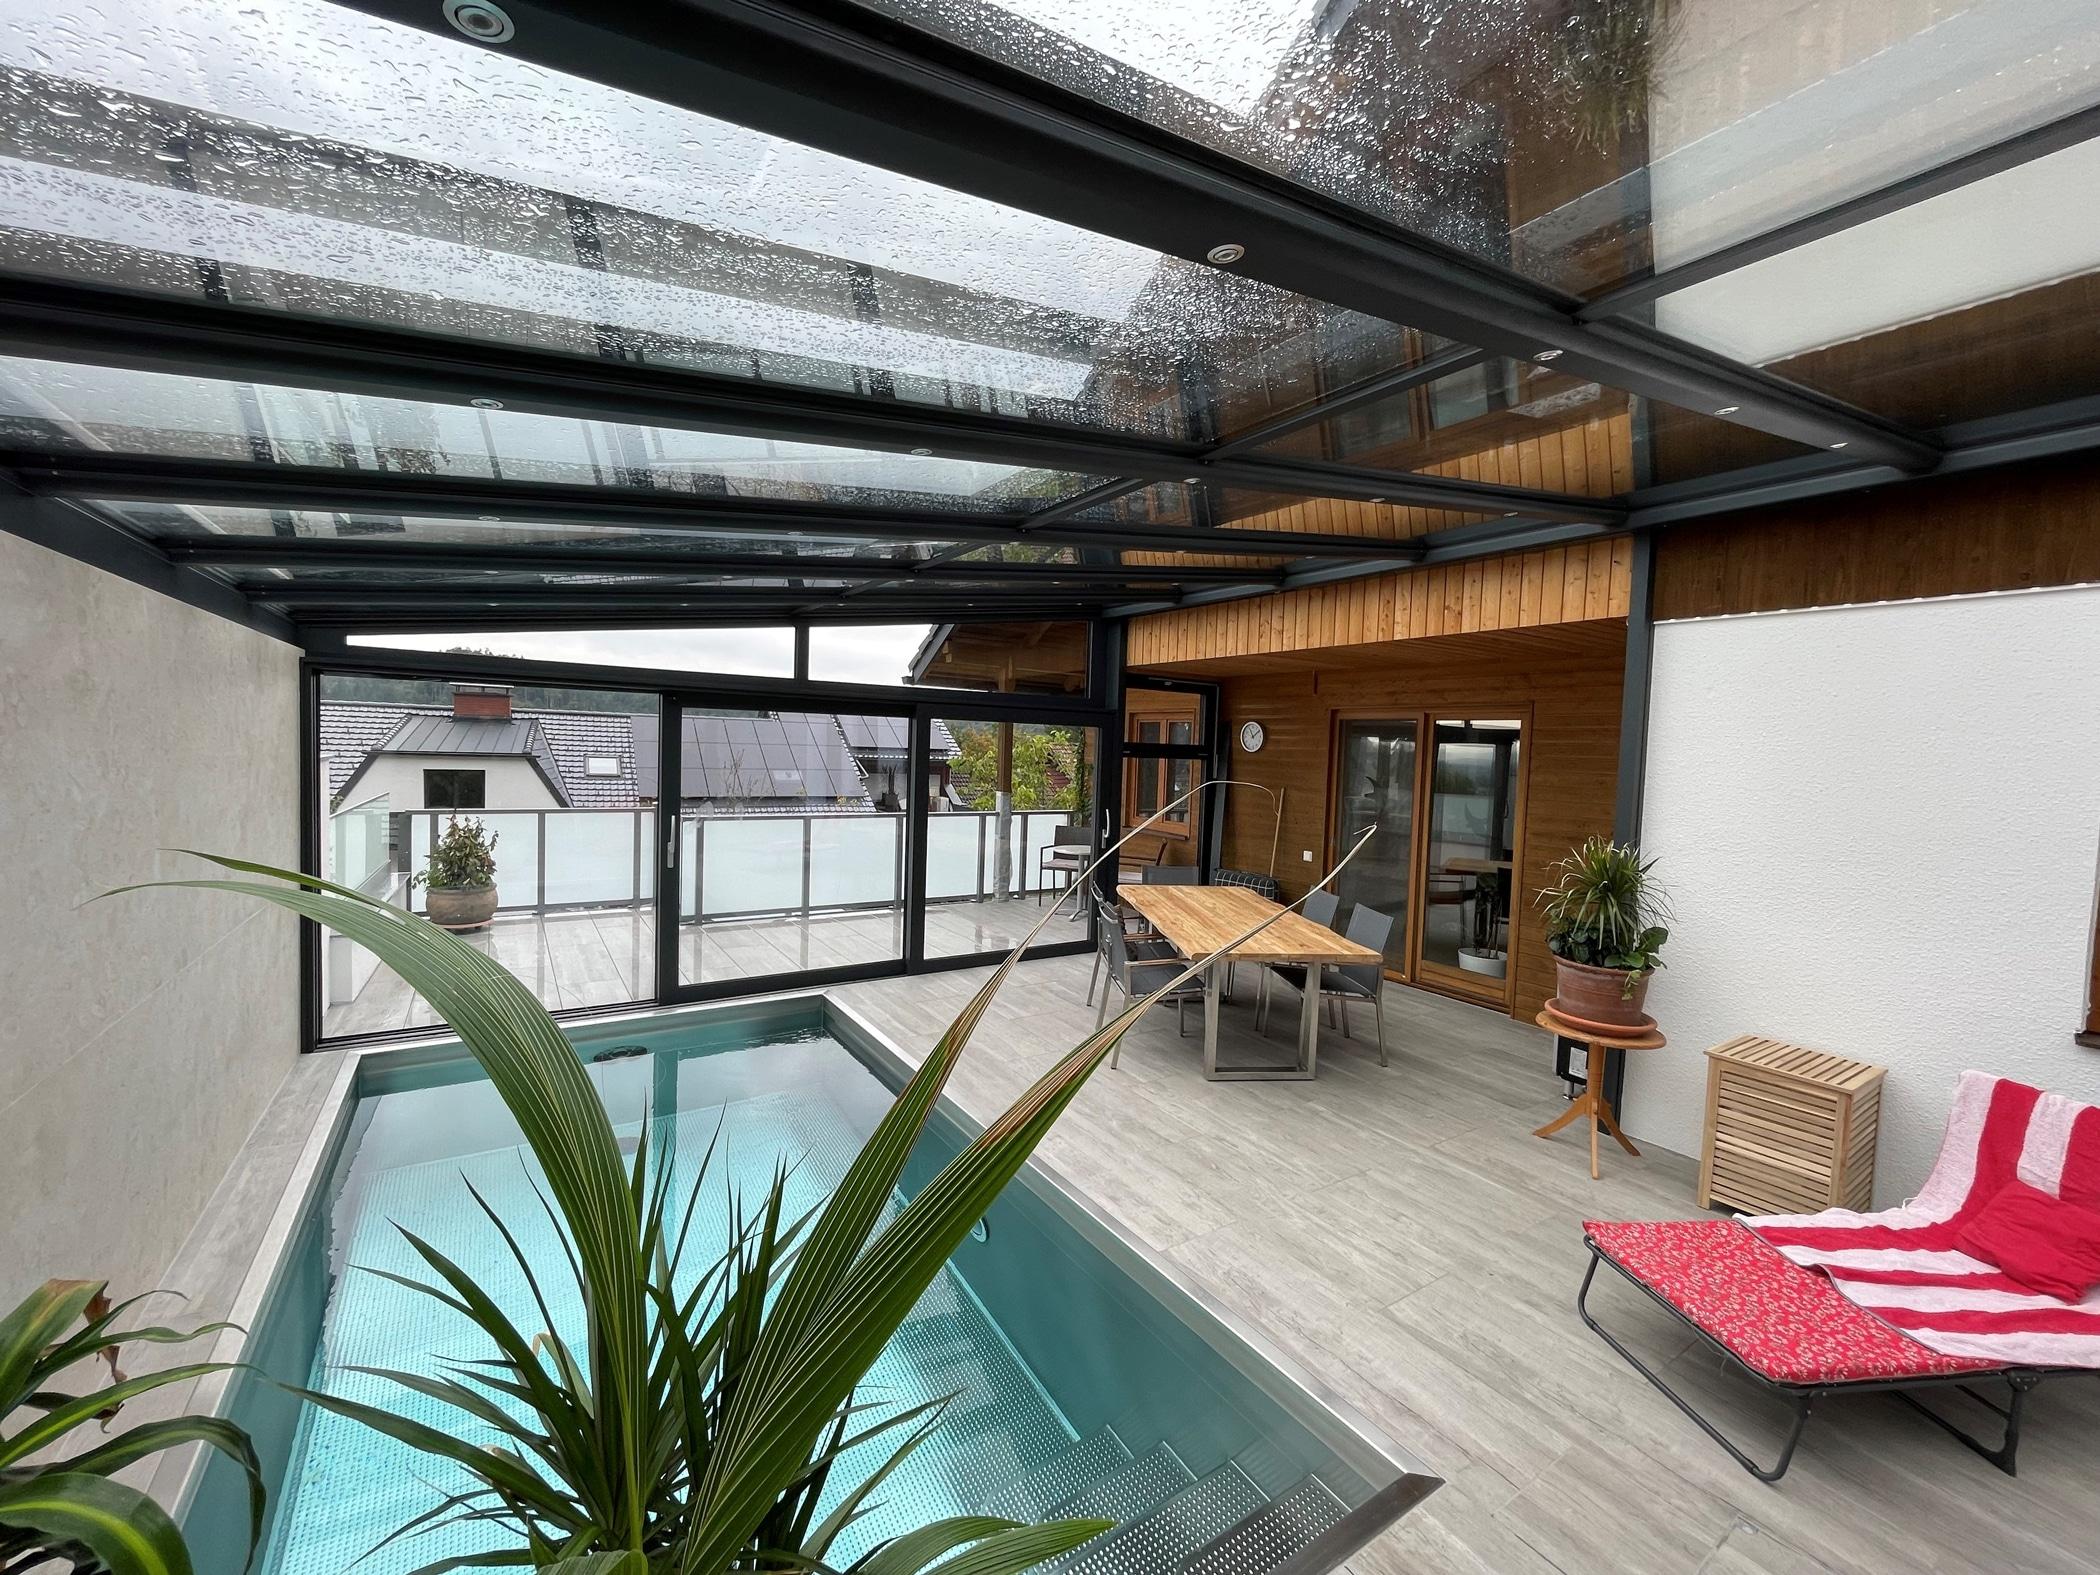 Wintergarten als Poolüberdachung in Oberösterreich montiert